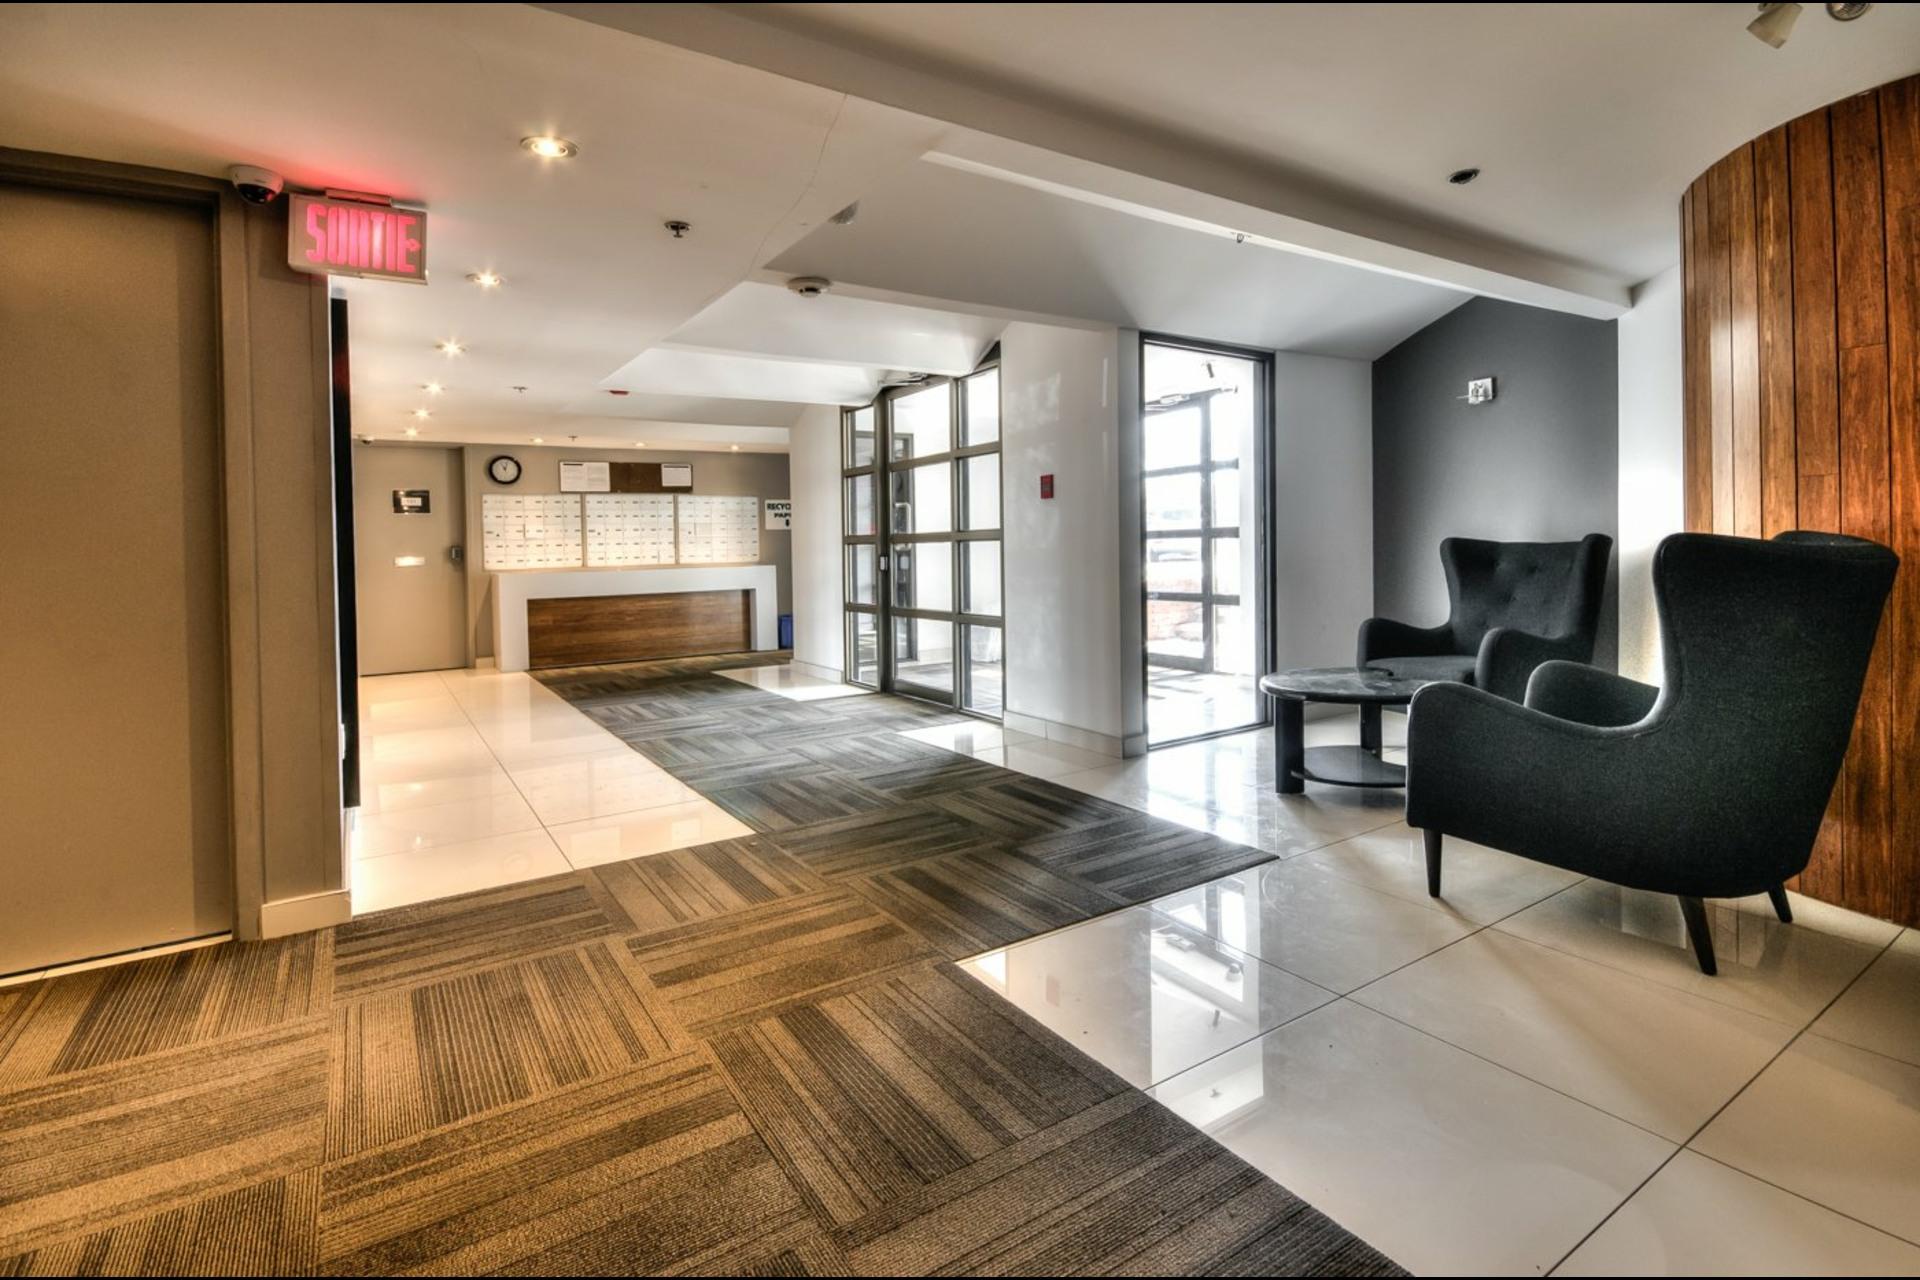 image 3 - Appartement À vendre Brossard - 5 pièces